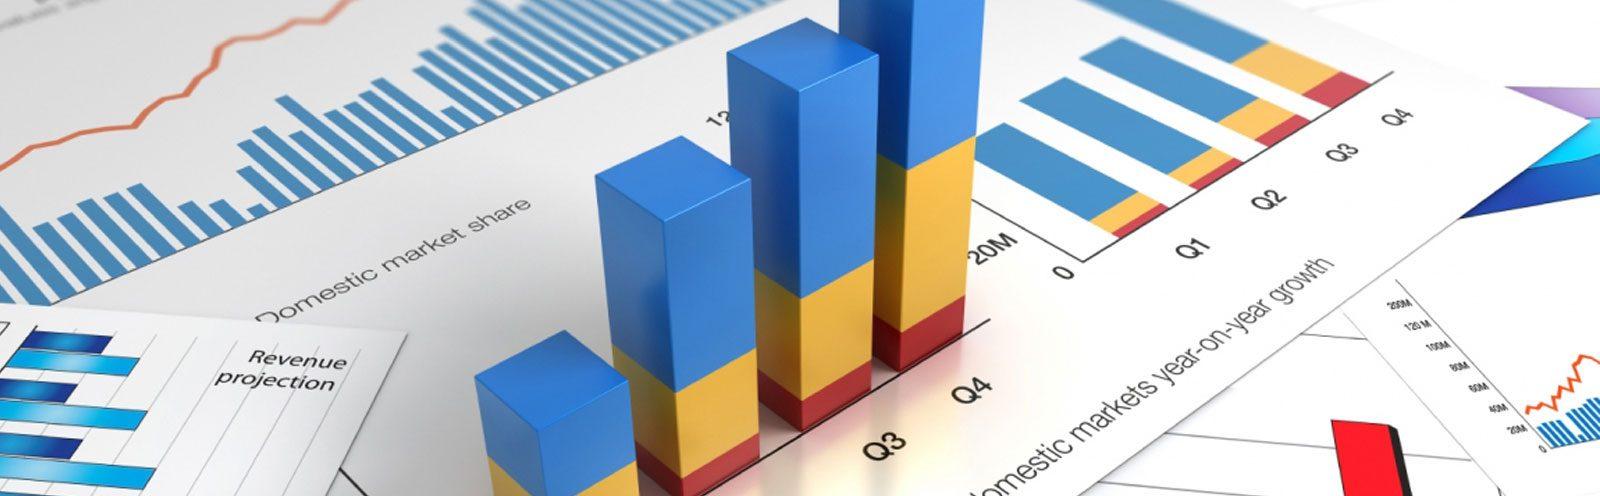 Бизнес-аналитика и визуализация данных